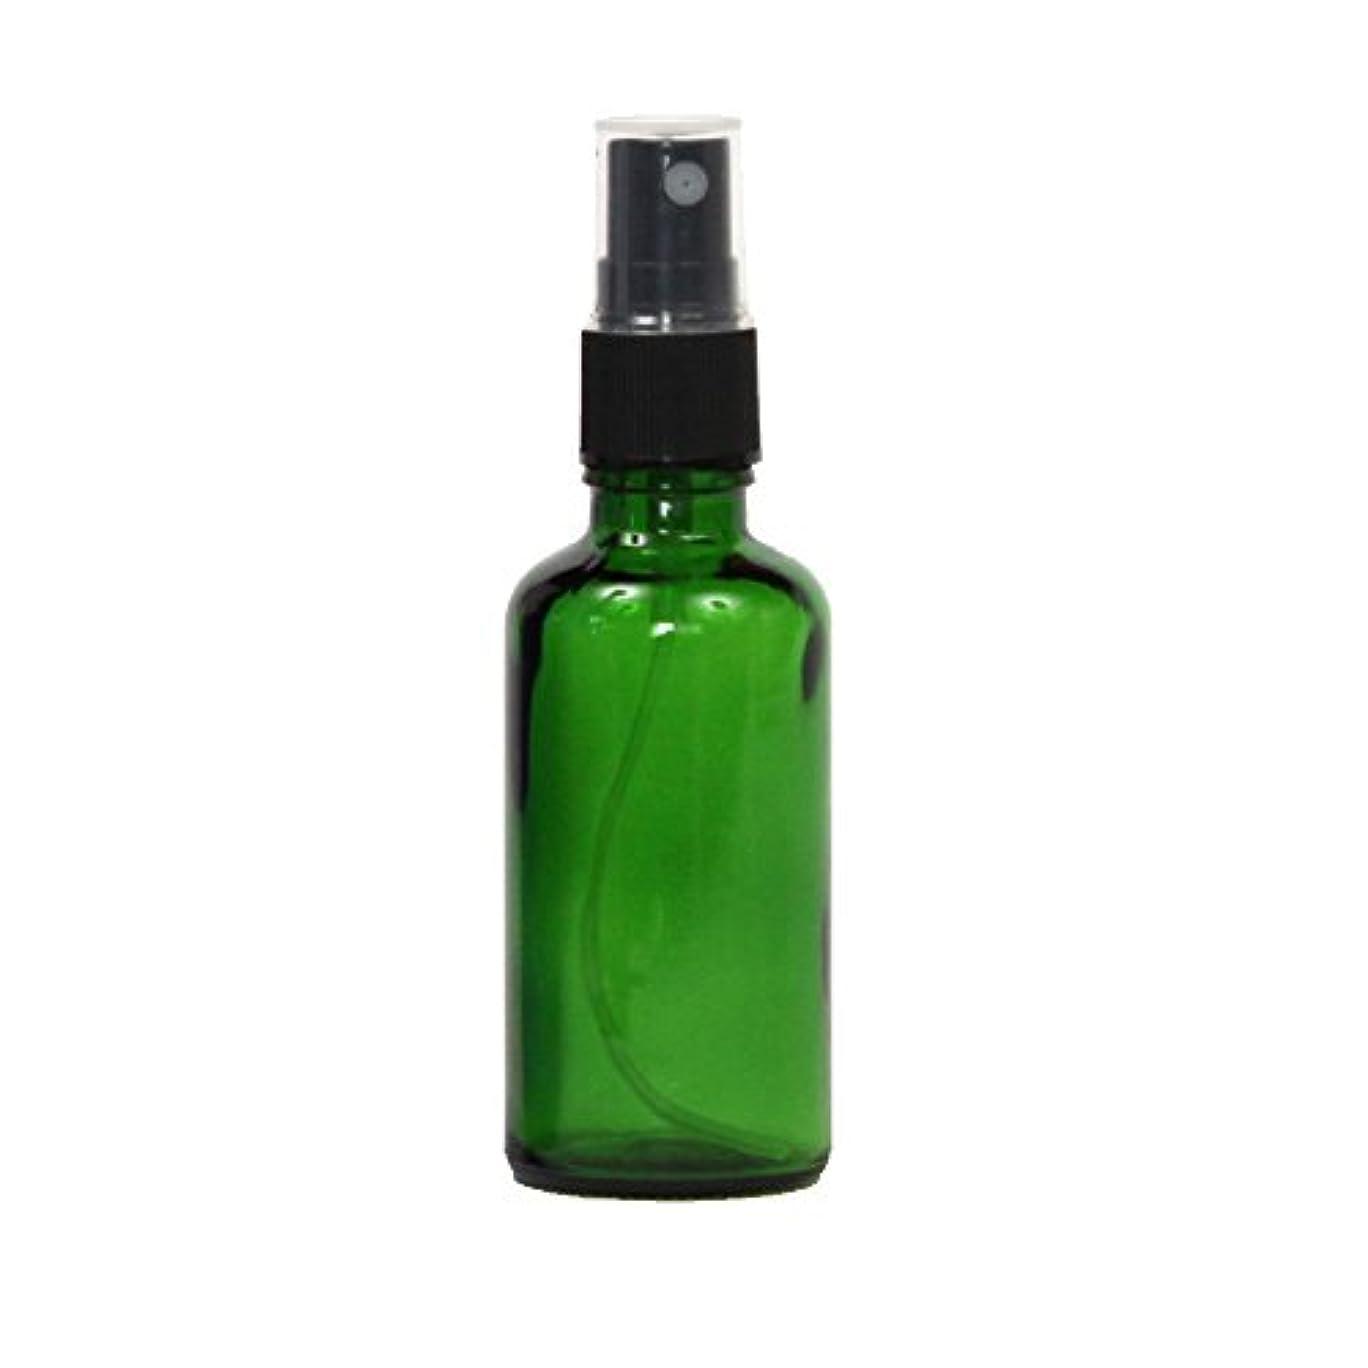 蜂手首掃除スプレーボトル容器 ガラス瓶 50mL 遮光性グリーン ガラスアトマイザー 空容器gr50g